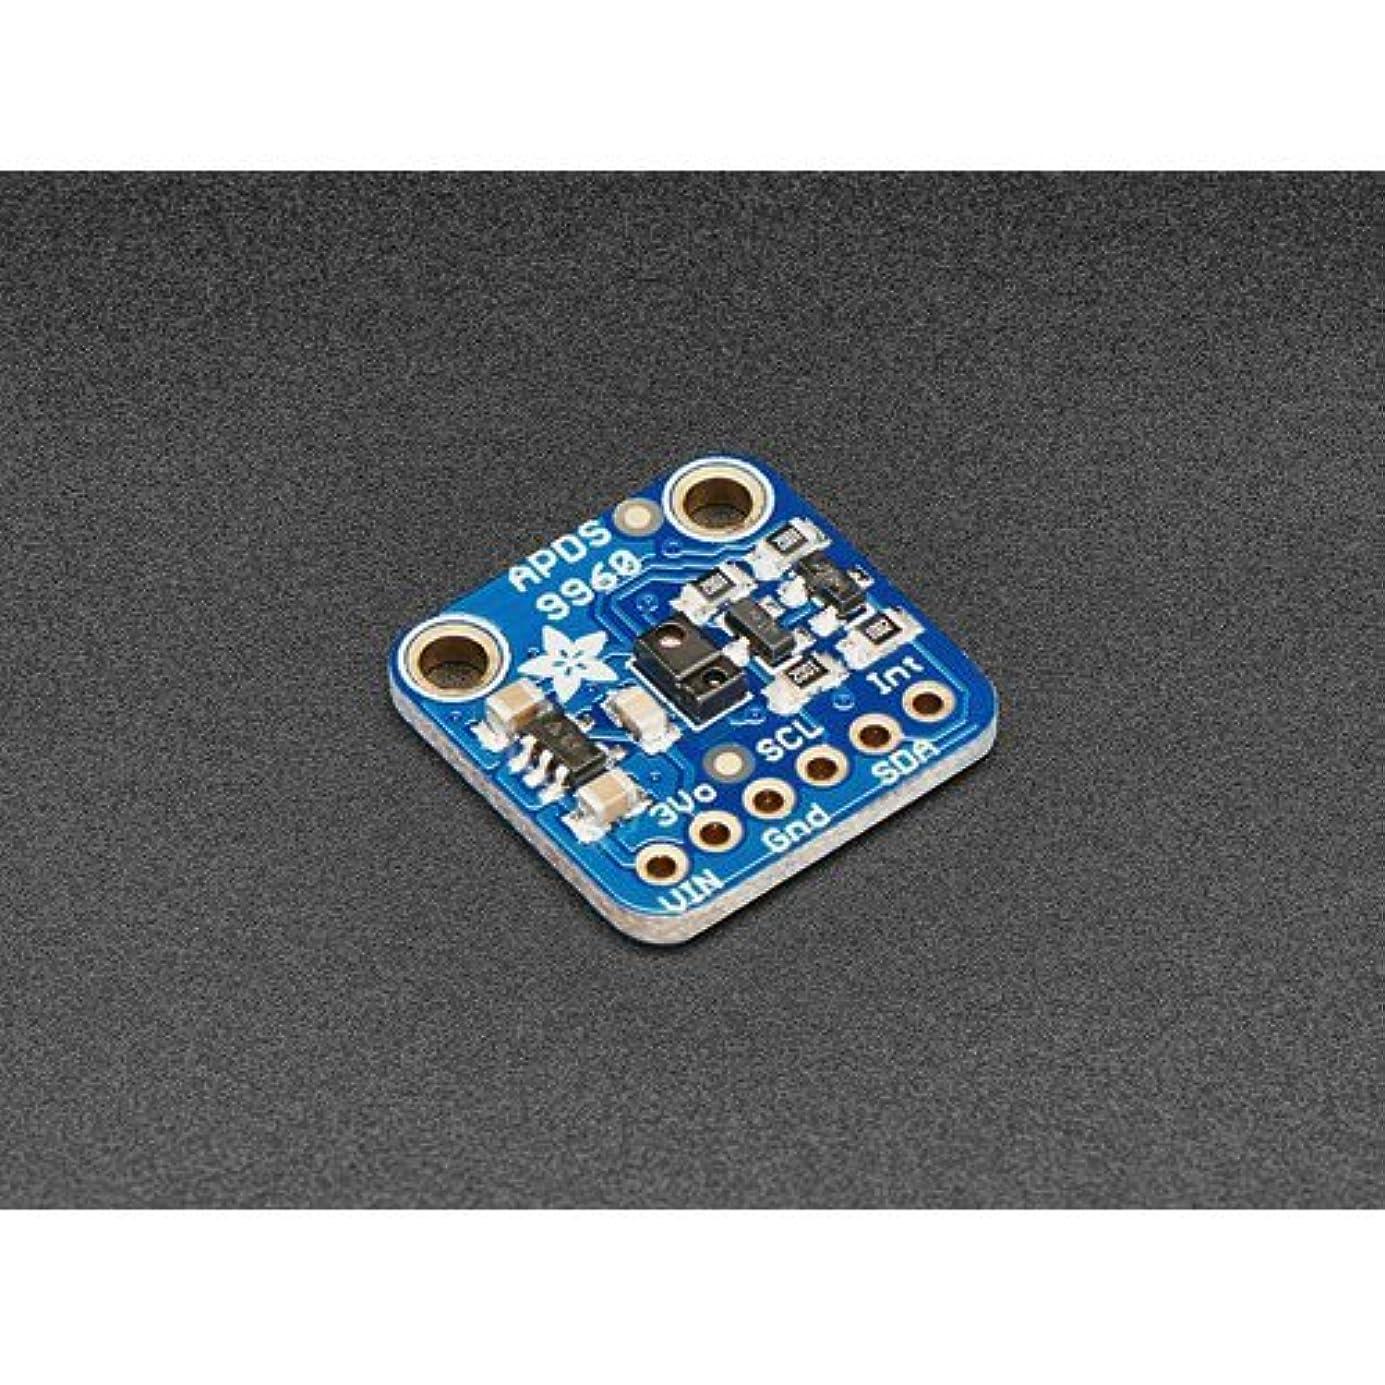 一時的テスト激しいAPDS9960搭載 ジェスチャーセンサ(RGB、環境光、近接距離センサ付き)